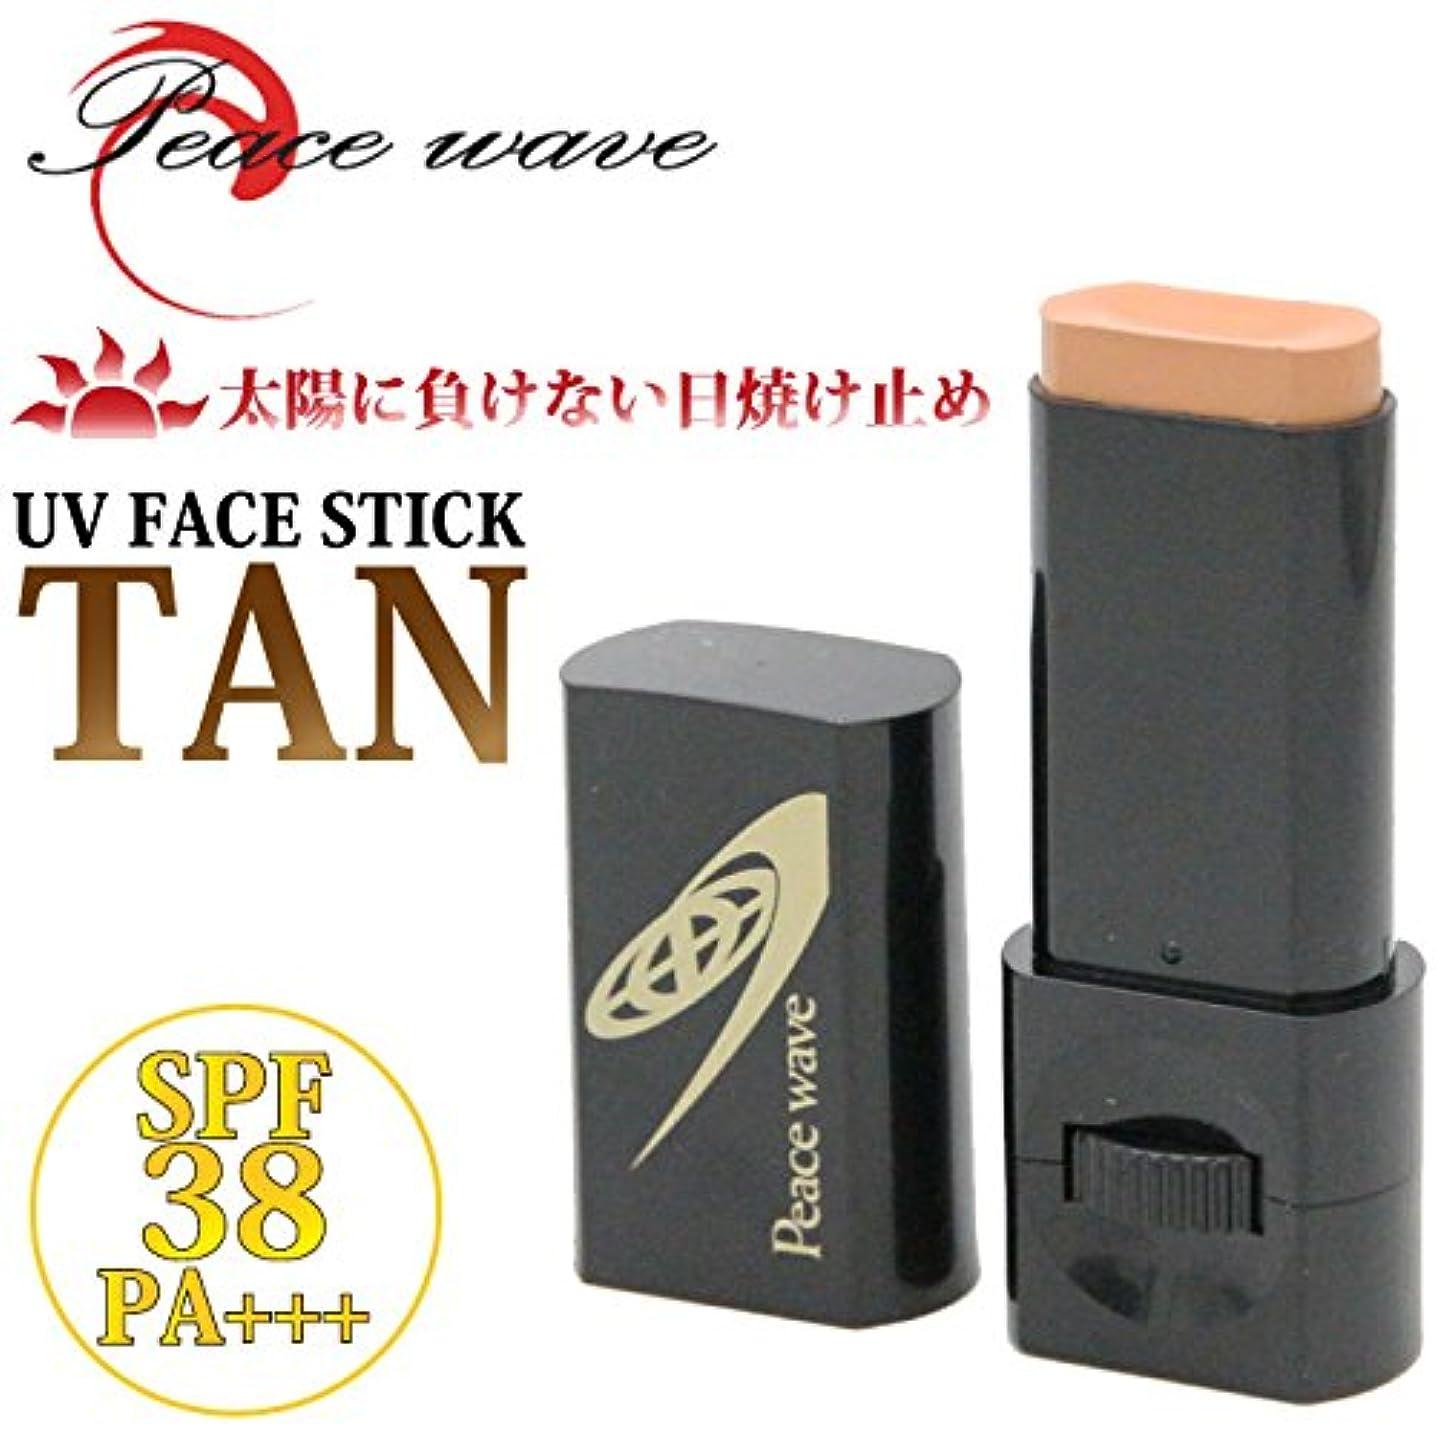 ぼかす宗教的な復活PEACE WAVE(ピースウェーブ) 日焼け止め UV FACE STICK SPF38 フェイススティック タン